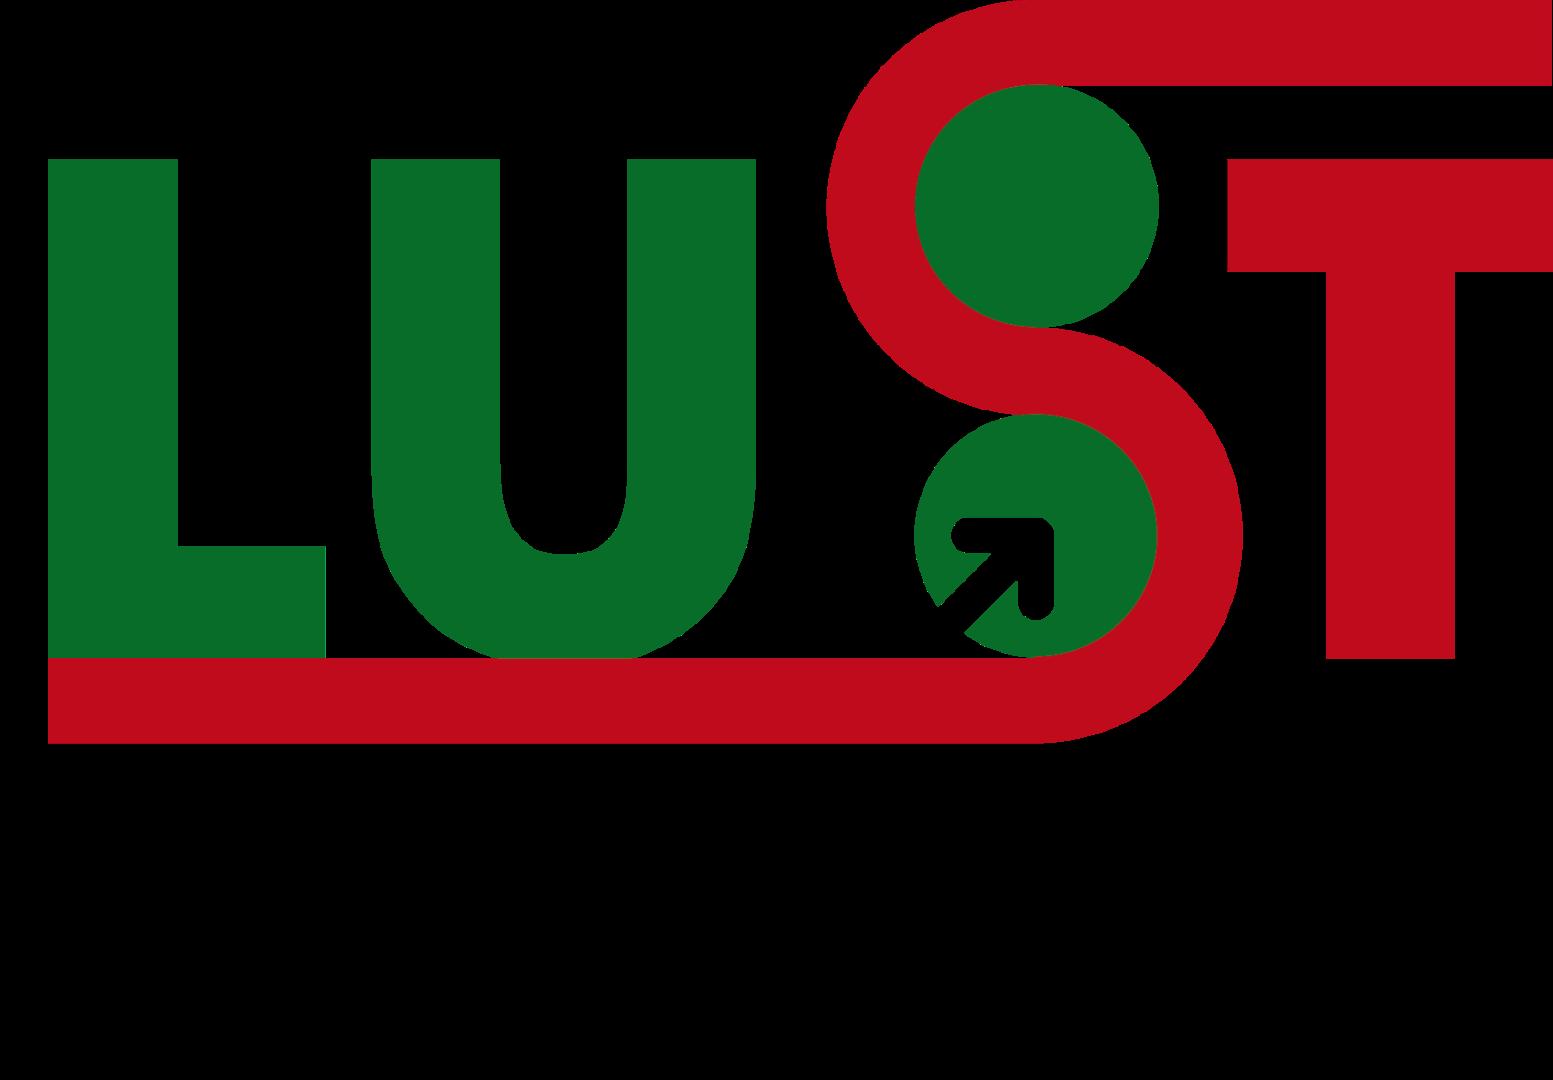 Logo Lust orig hoch.png